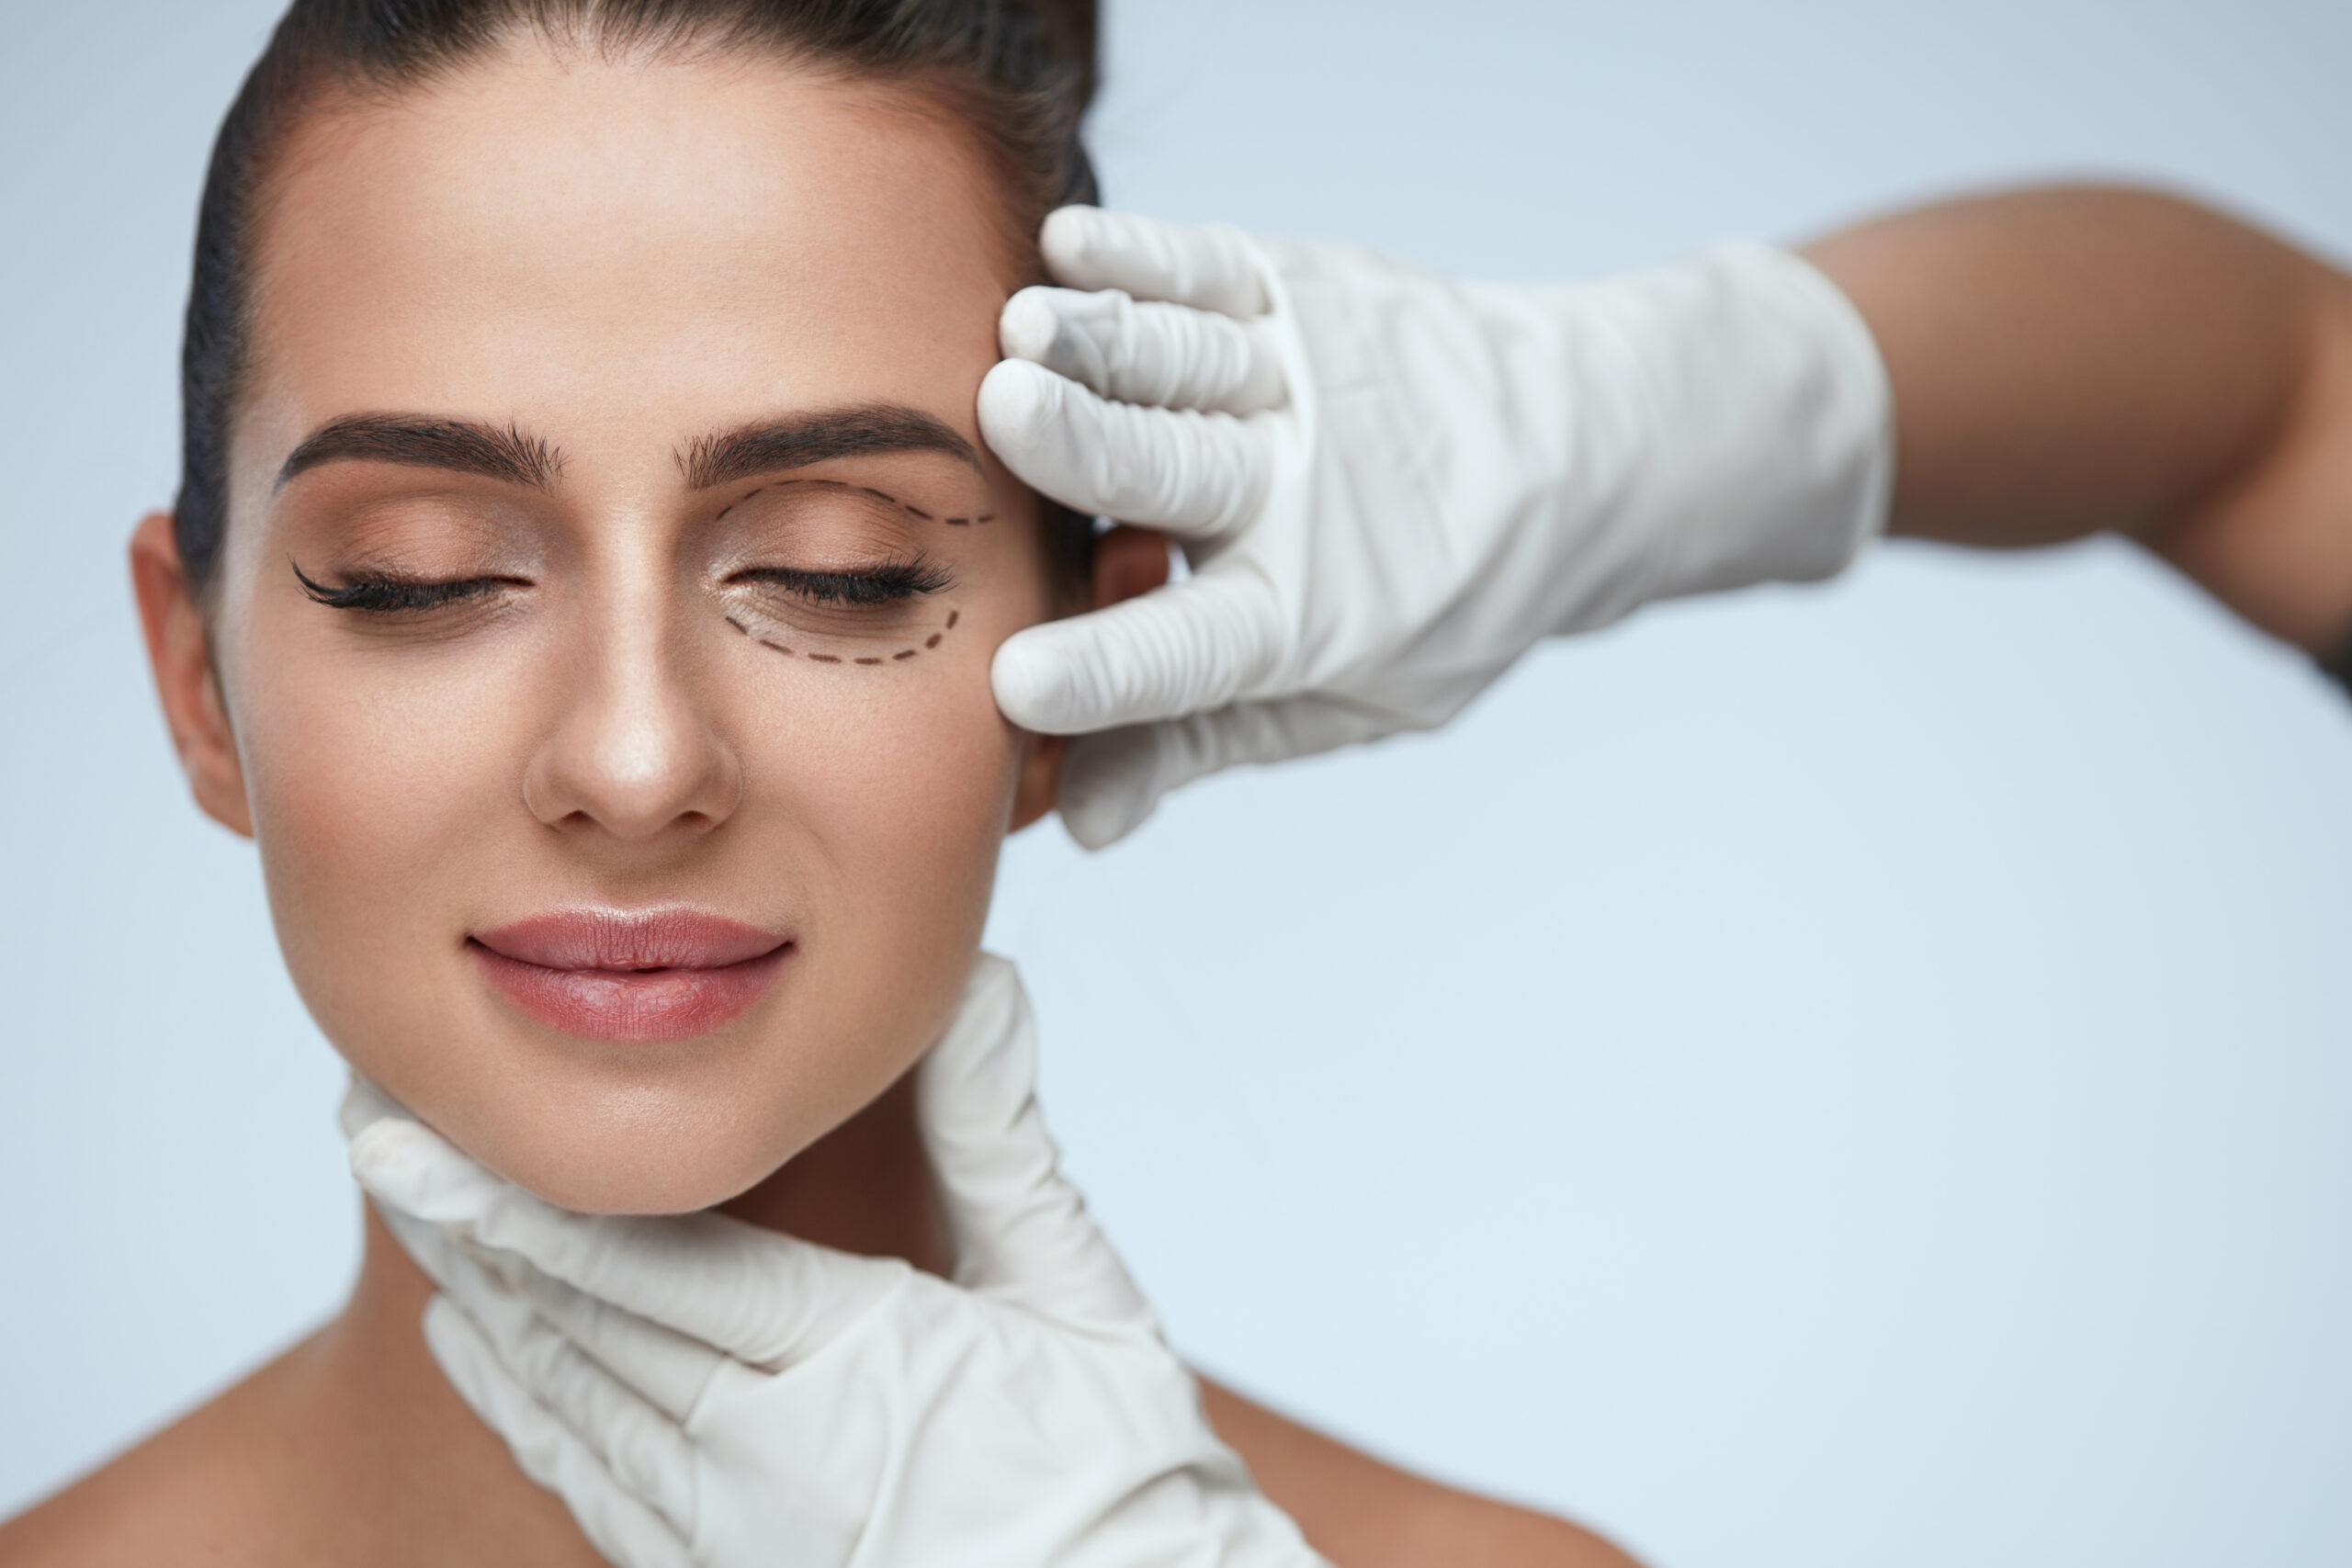 Operace očních víček Domažlice